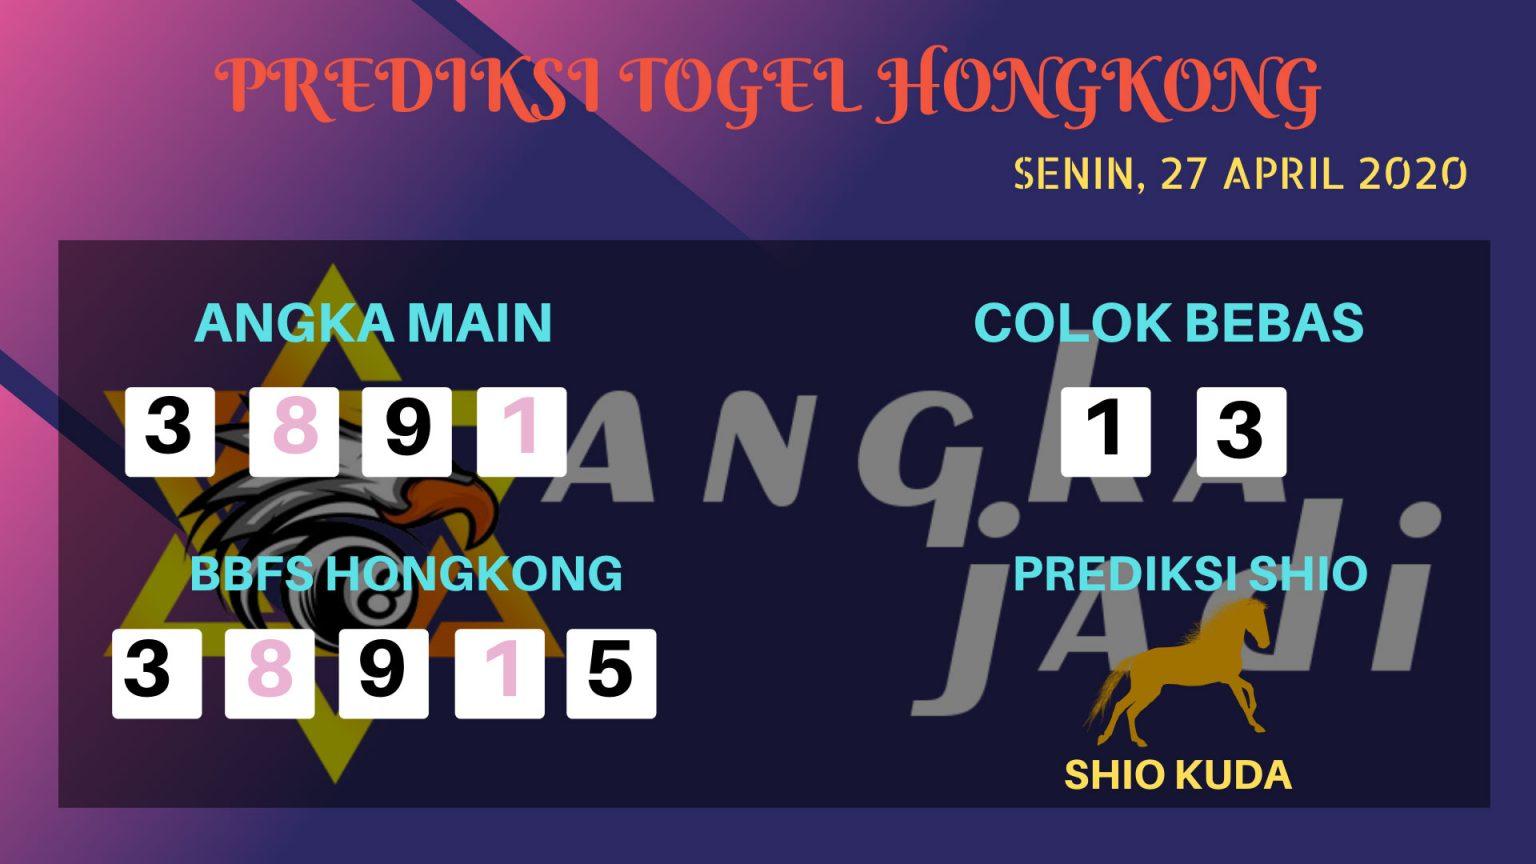 Prediksi HK 27 April 2020 - Prediksi Angka HK